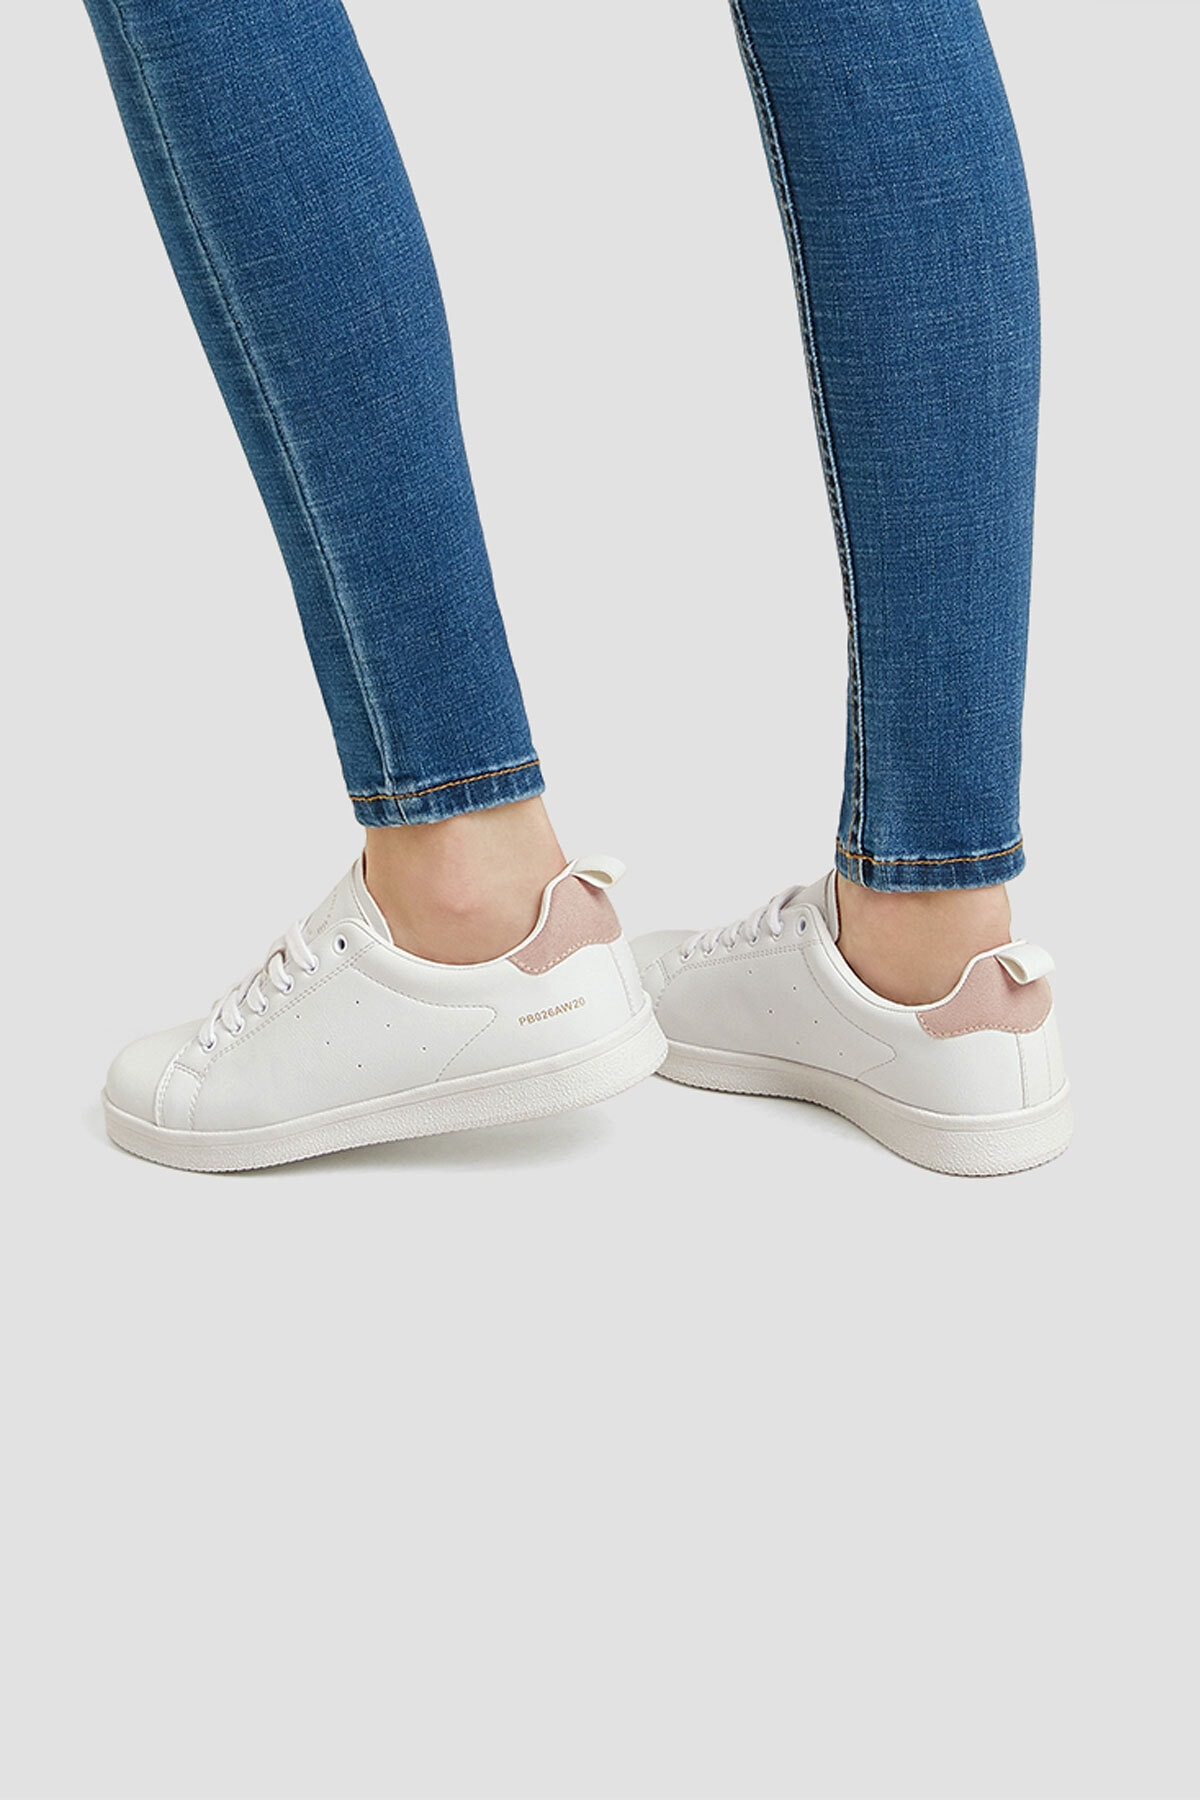 Pull & Bear Kadın Beyaz Çekme Kayış Detaylı Basic Spor Ayakkabı 11201640 2